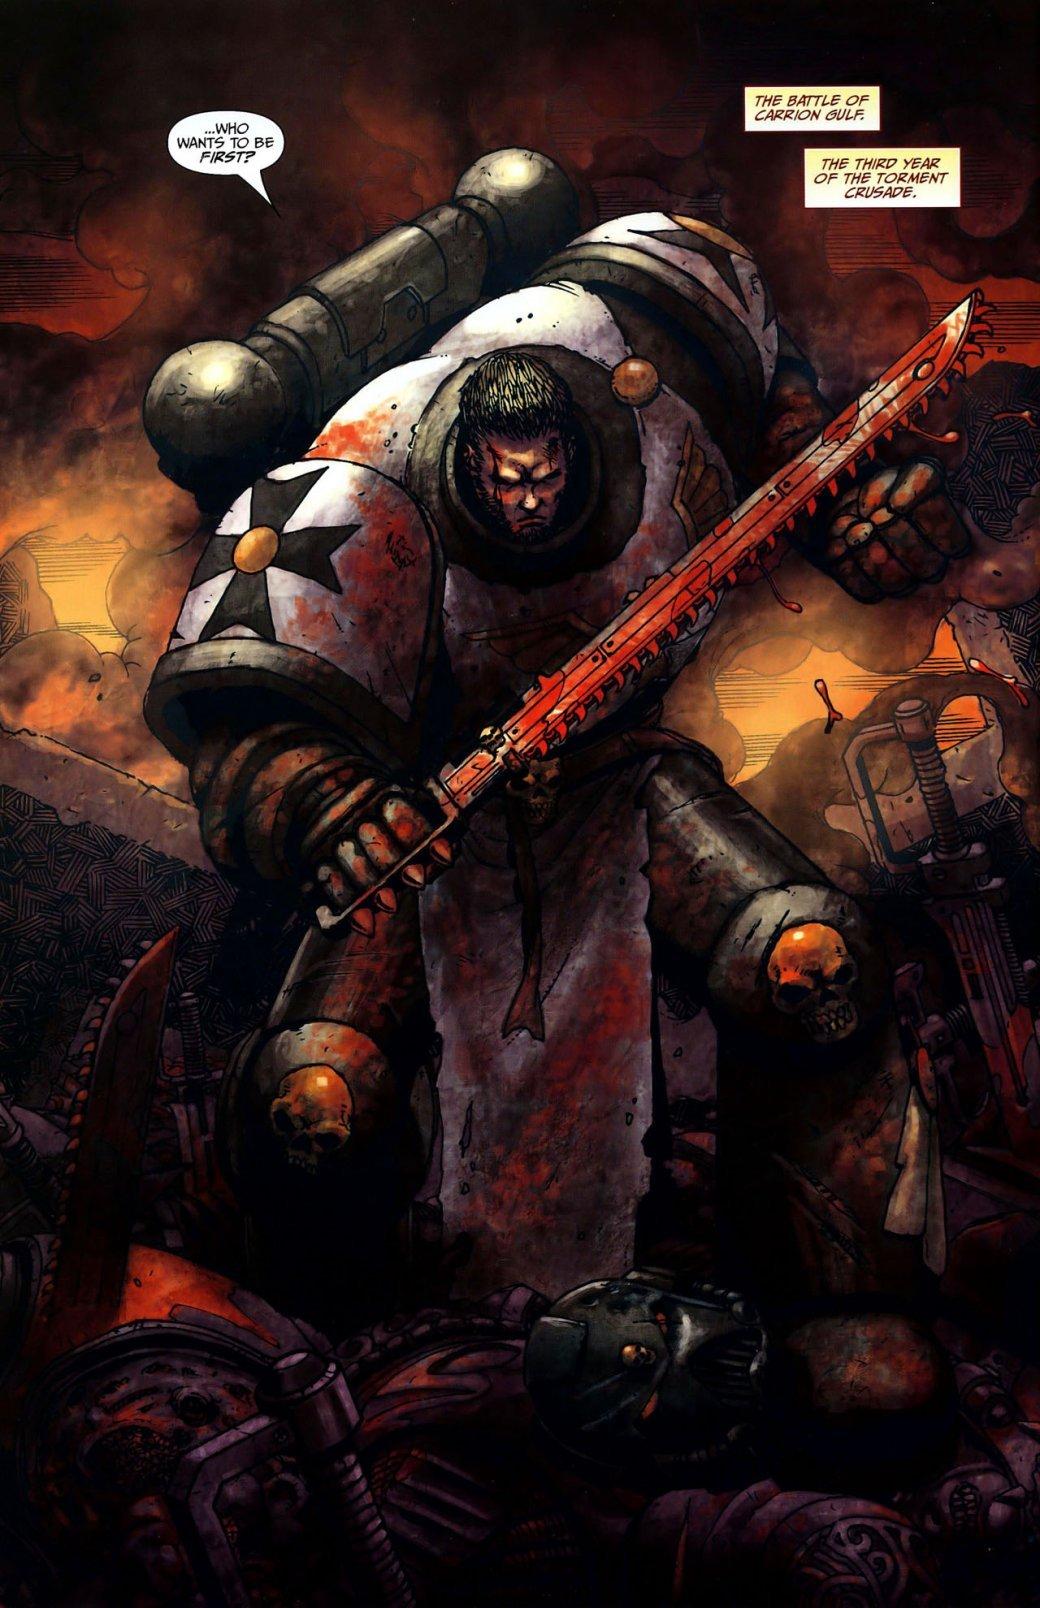 Самые крутые комиксы по Warhammer 40.000. - Изображение 16